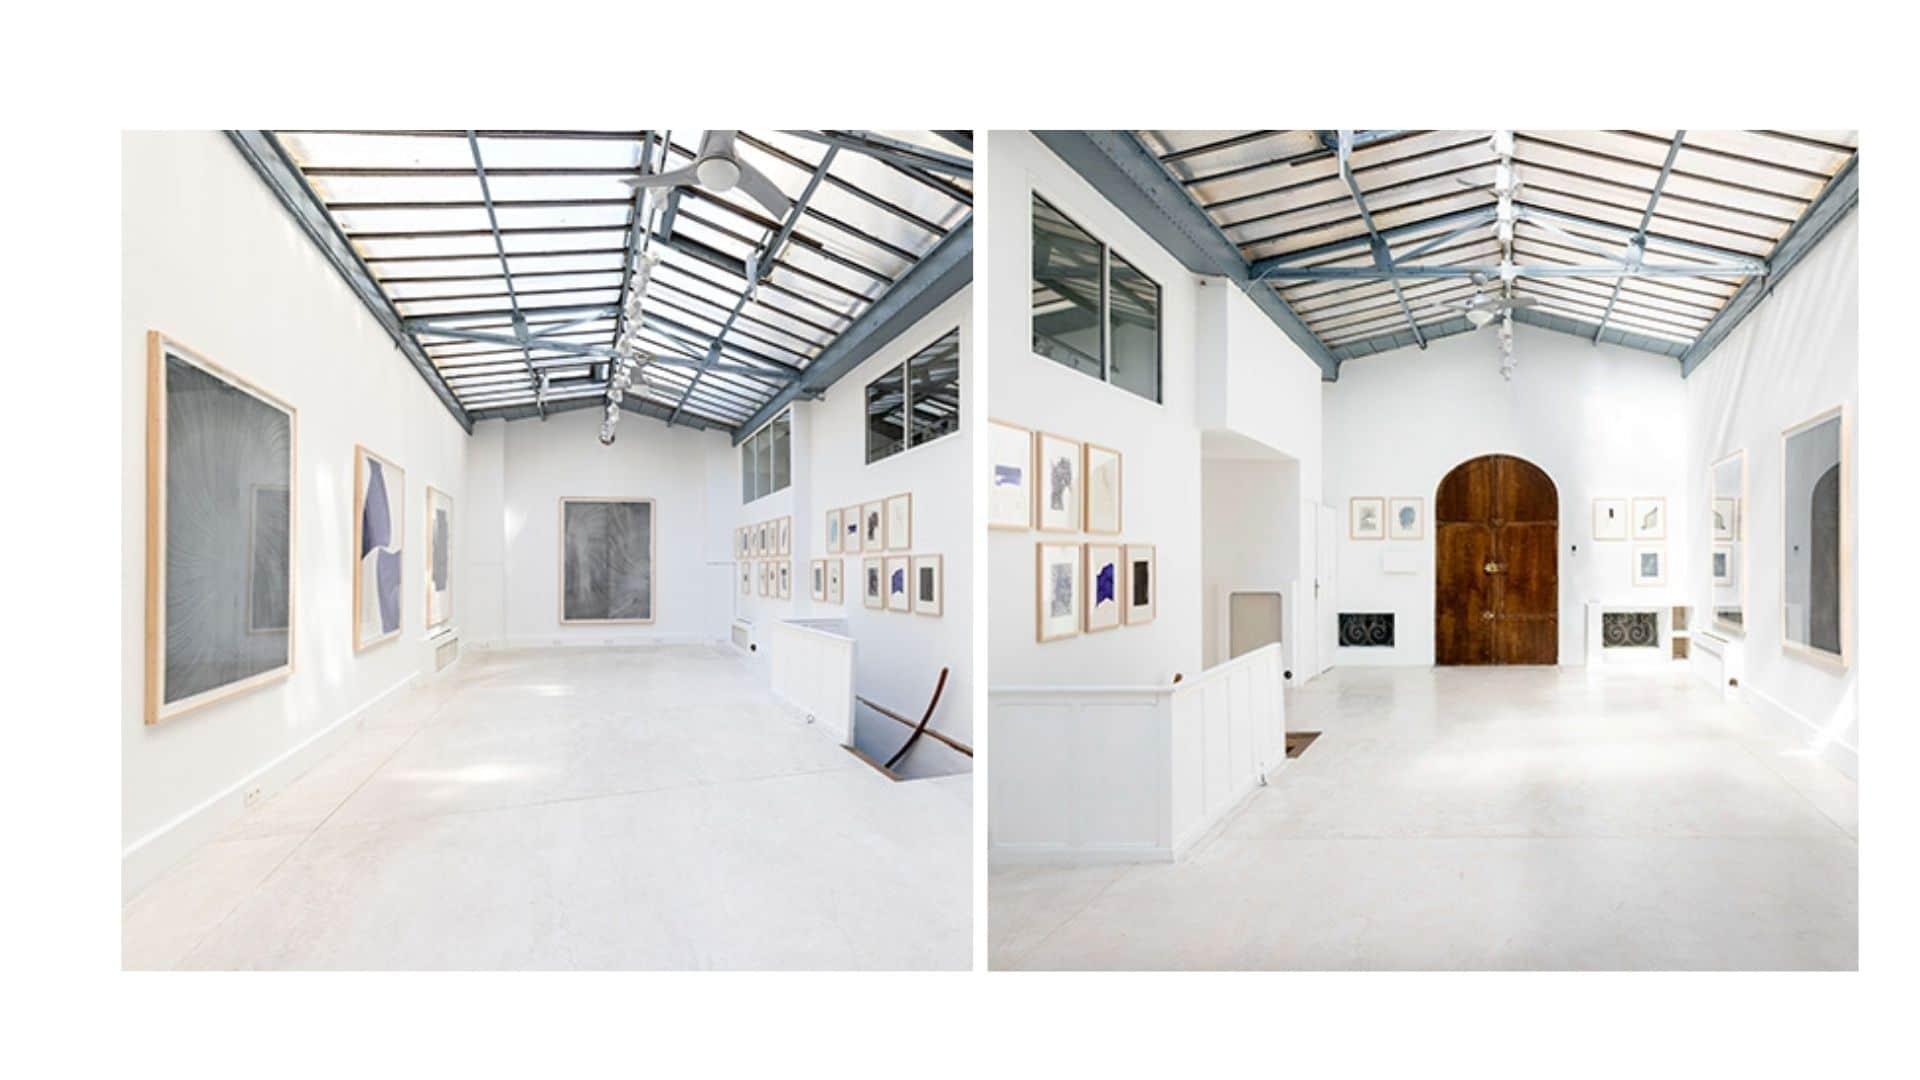 MR Agency de nouvelles expositions avec la réouverture